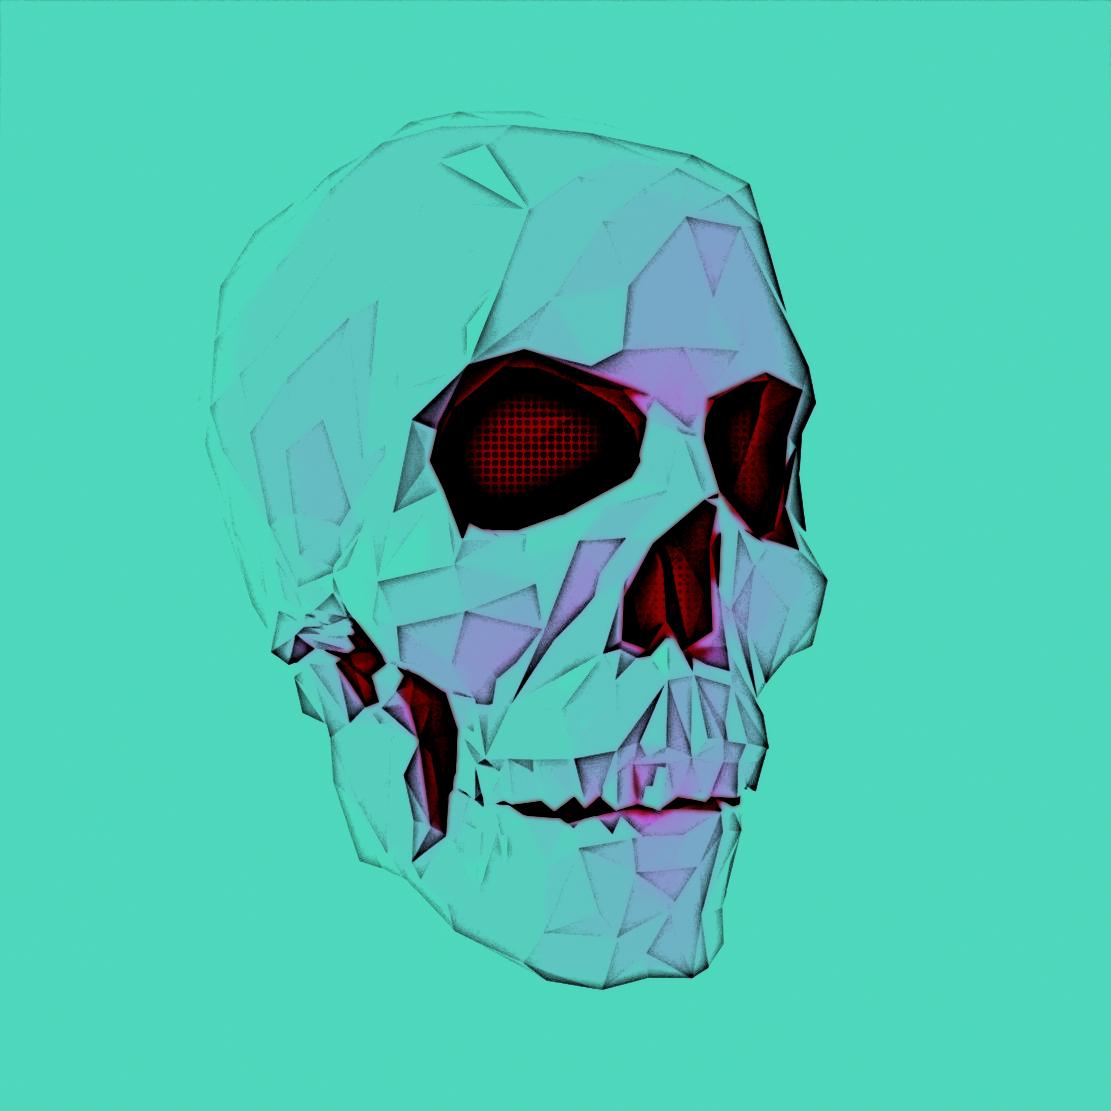 skull_cybermonk-de_popart_031.jpg